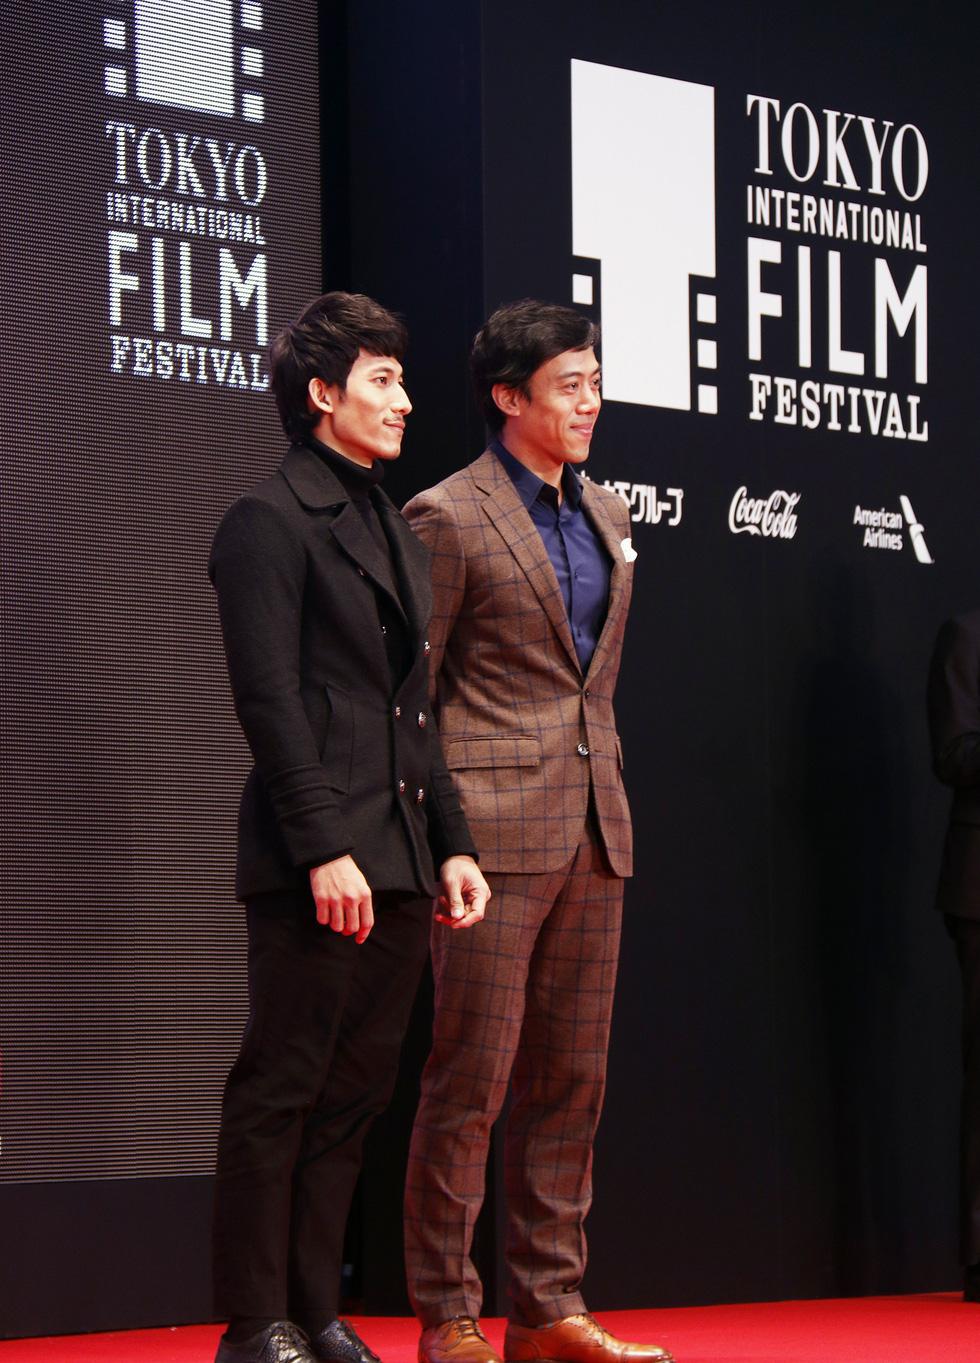 Hồng Ánh, Liên Bỉnh Phát lên thảm đỏ Liên hoan phim Tokyo - Ảnh 4.